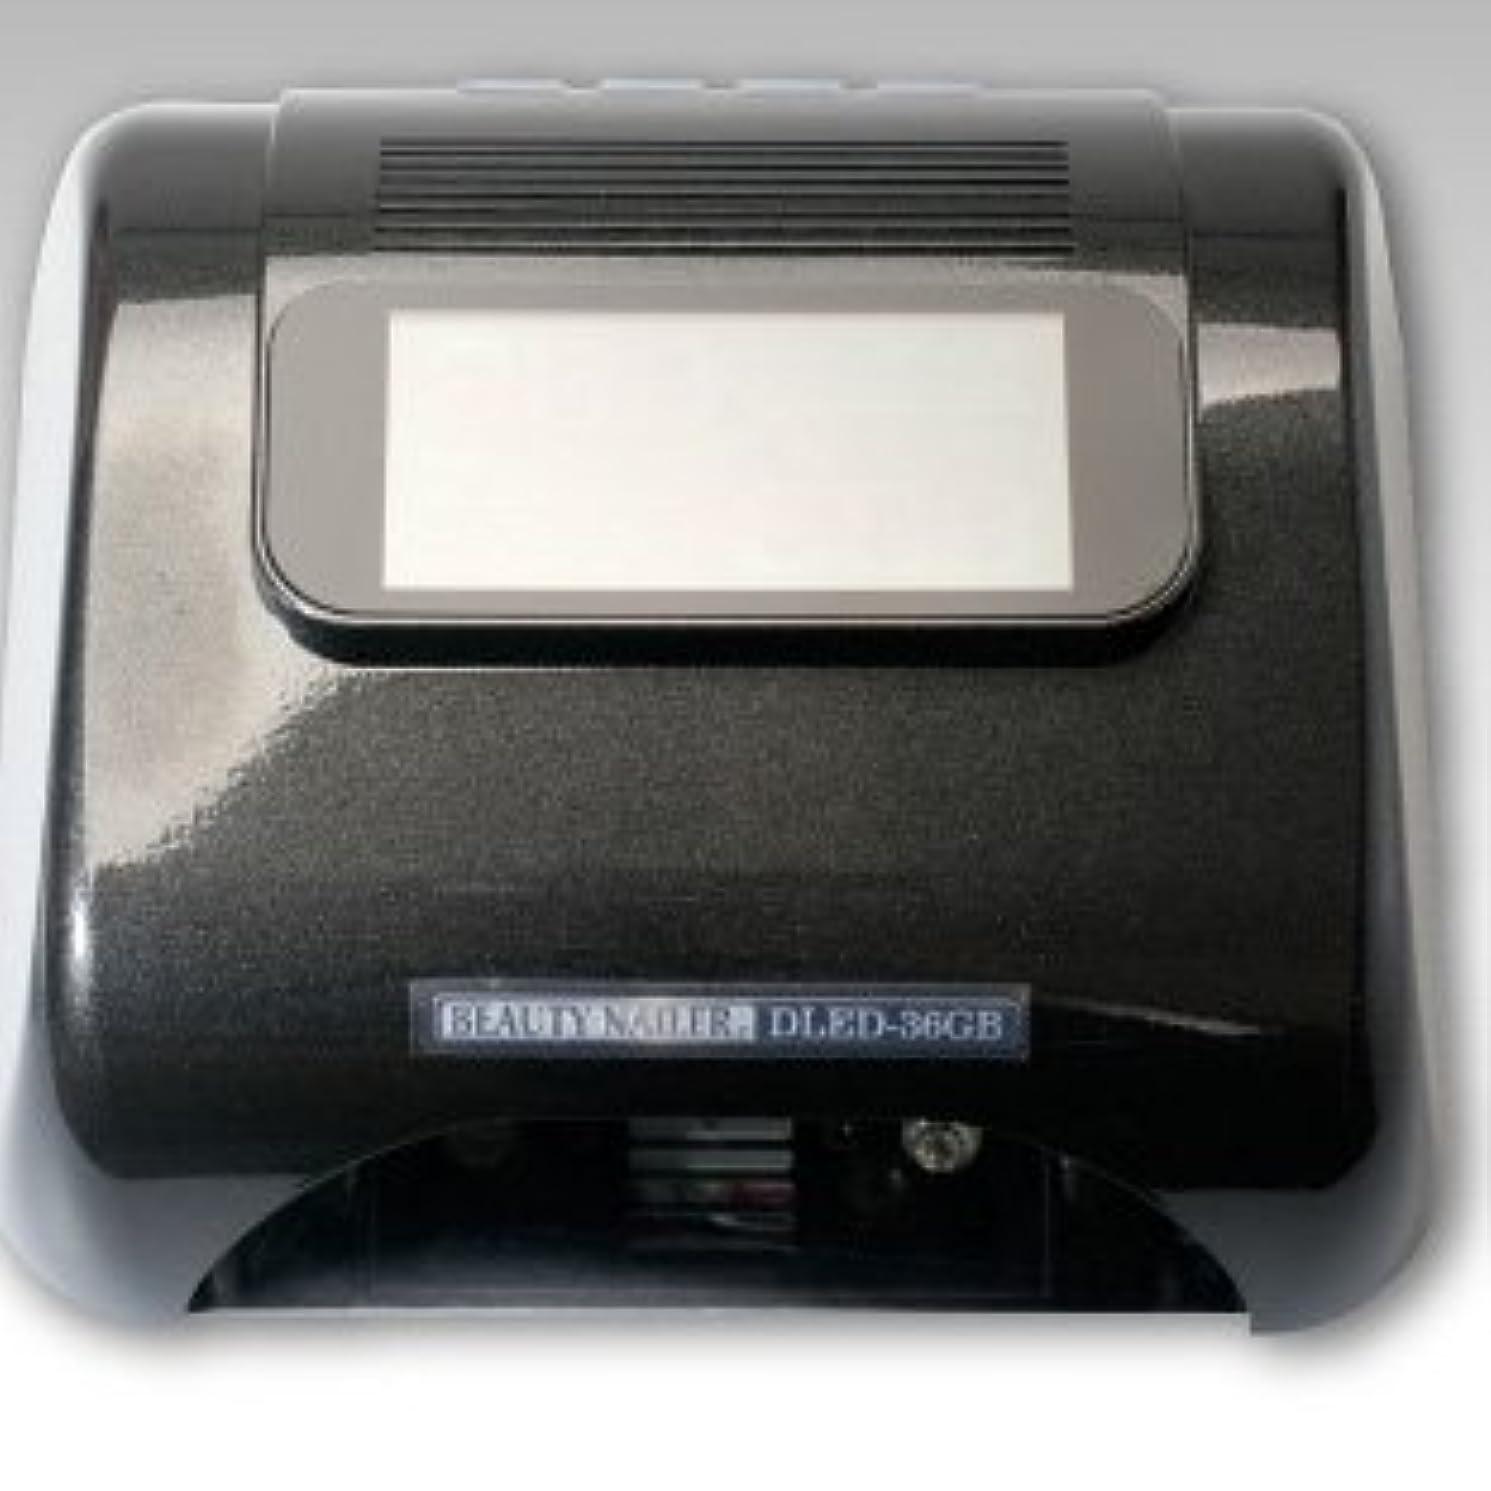 優遇乳製品利点デジタル LEDライト DLED-36GB ムラキビューティネイラー